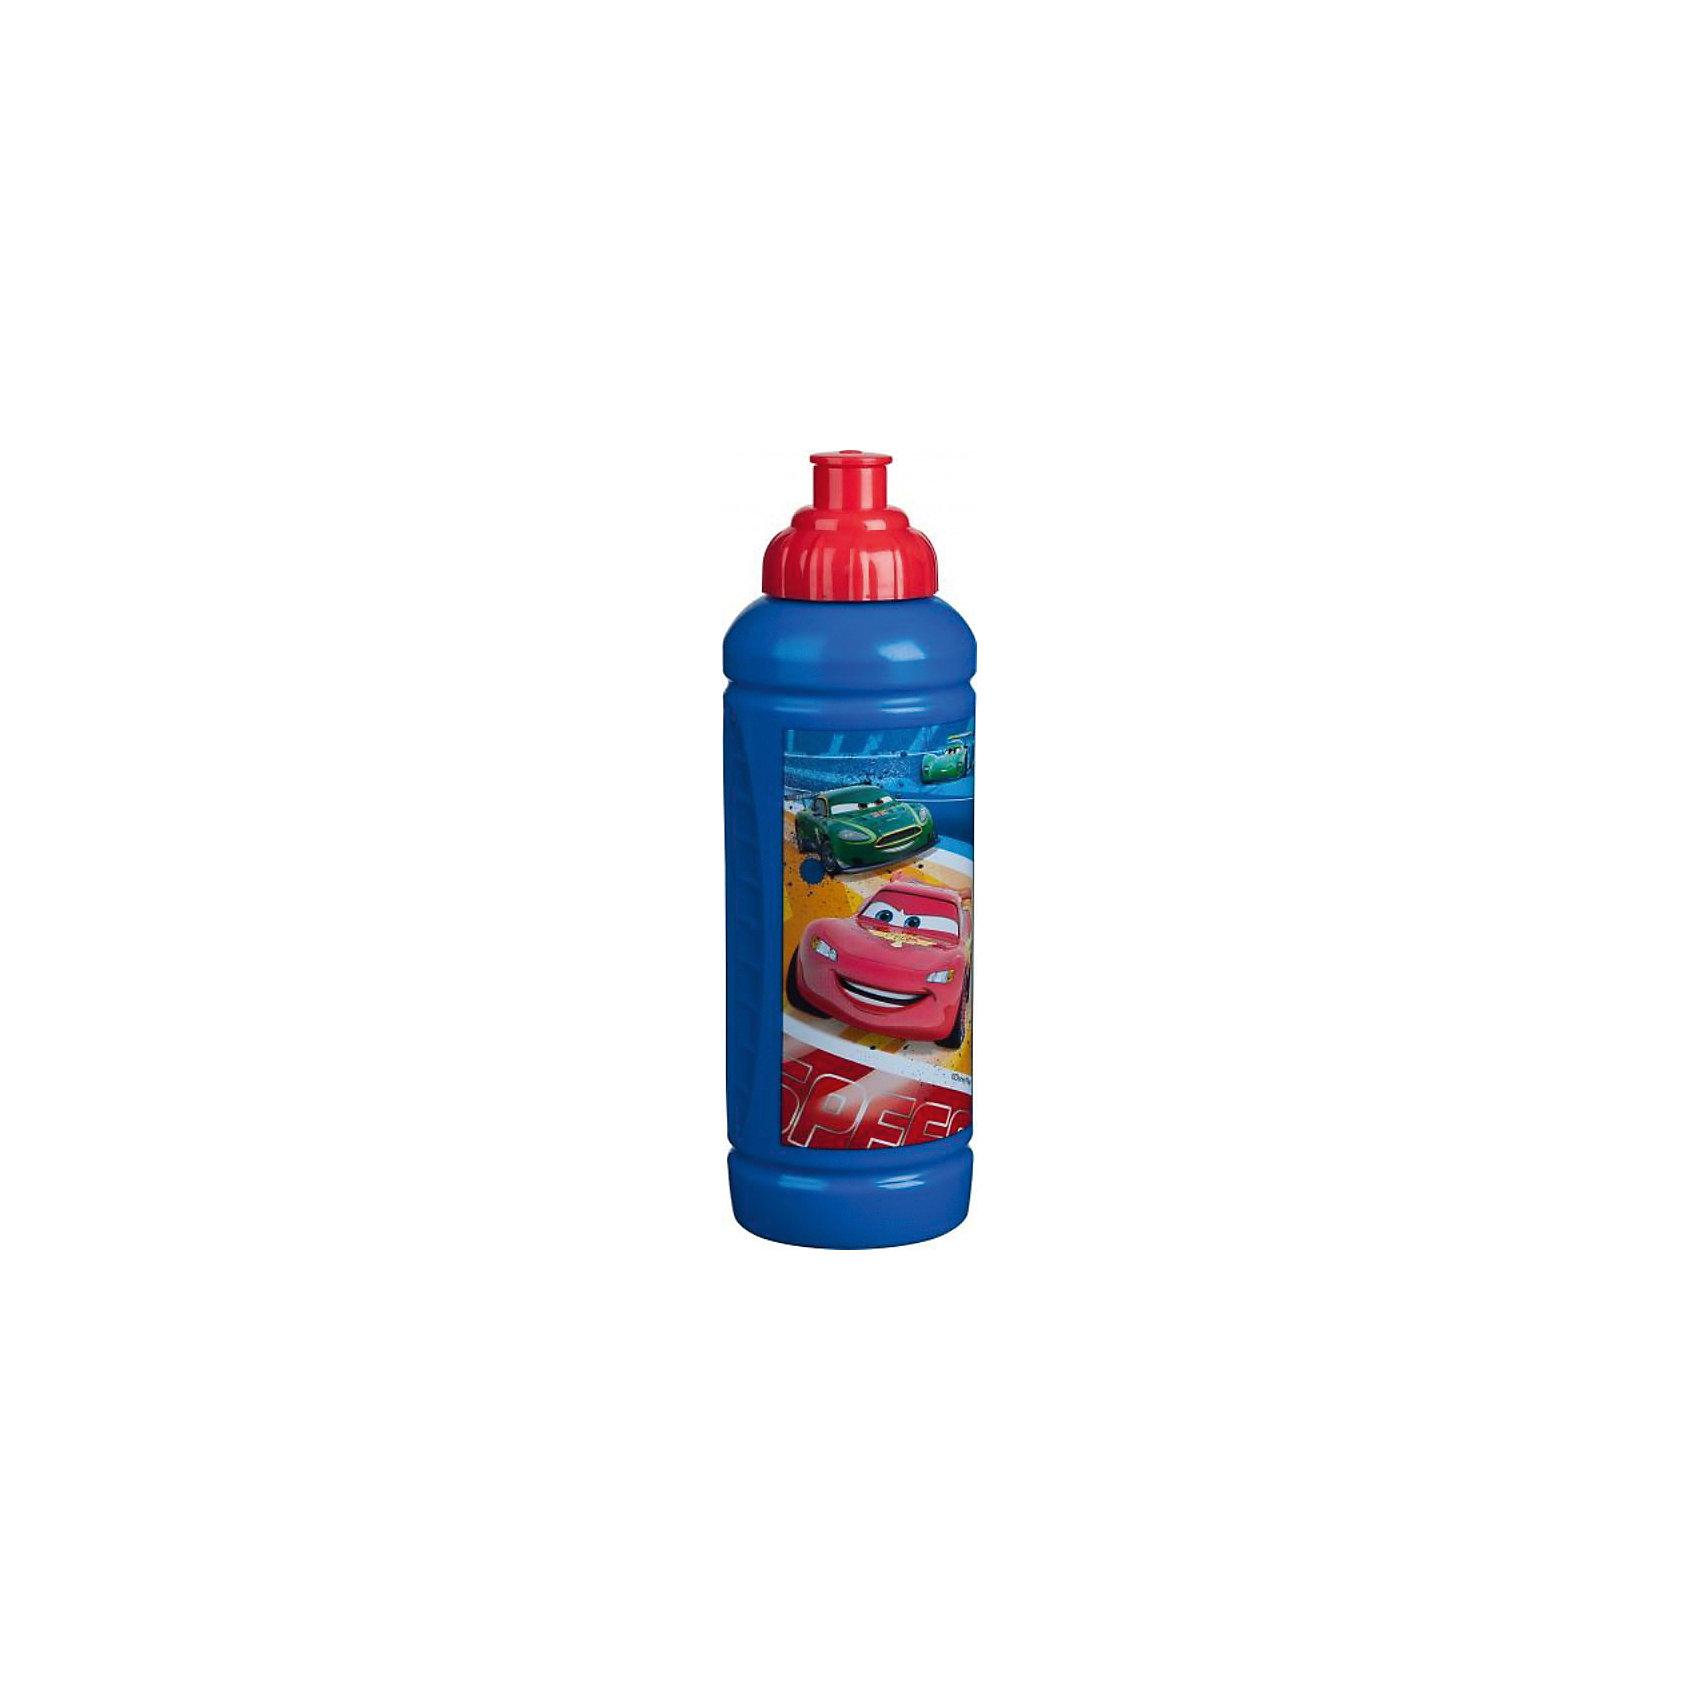 Бутылка Тачки 425 млДетская посуда Тачки- это посуда для детей, выполненная из пластика, на которой в ярких и радужных красках изображены герои из обожаемых детьми мультфильмов. Из бутылки очень удобно пить, так как она имеет дозатор и закрывающийся механический клапан, который позволит использовать бутылку даже во время поездок в автомобиле.<br><br>Дополнительная информация:<br><br>- Материал: пластик.<br>- Объем: 425 мл. <br><br>Бутылку Тачки (Cars) можно купить в нашем магазине.<br><br>Ширина мм: 60<br>Глубина мм: 60<br>Высота мм: 195<br>Вес г: 54<br>Возраст от месяцев: 36<br>Возраст до месяцев: 108<br>Пол: Мужской<br>Возраст: Детский<br>SKU: 4340581